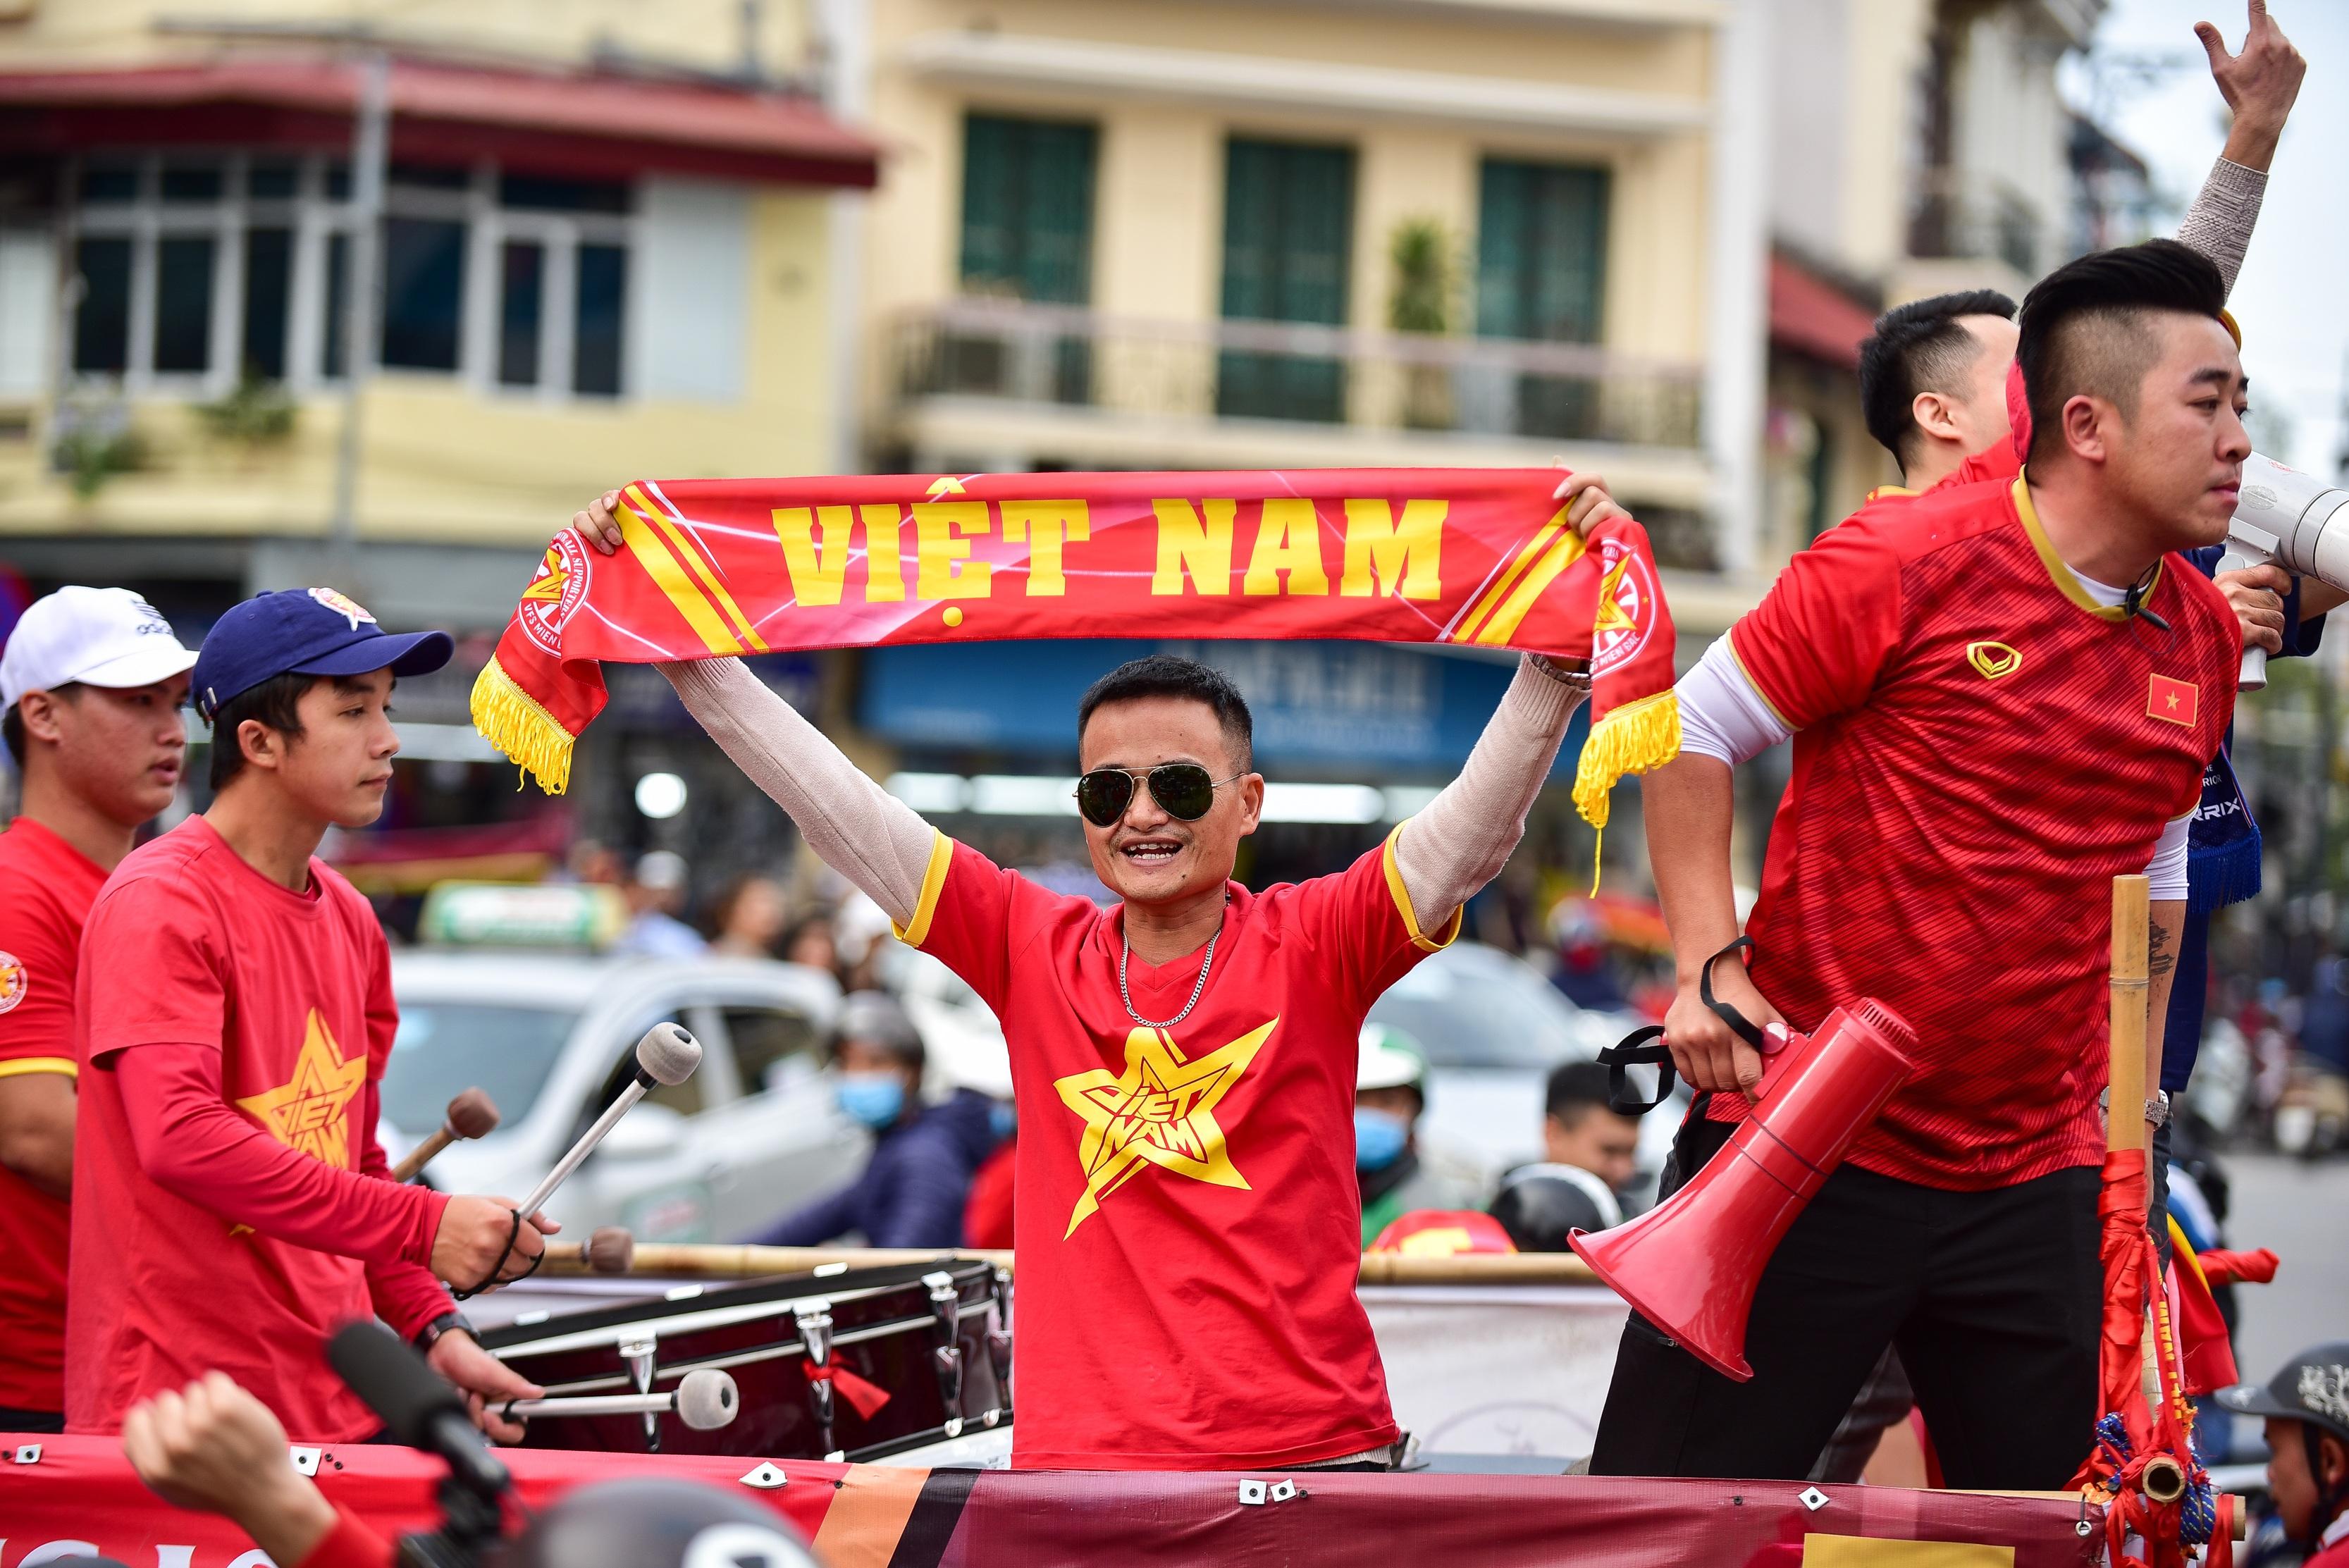 Cổ động viên tiếp lửa cho đội tuyển Việt Nam trước trận gặp Thái Lan - 13